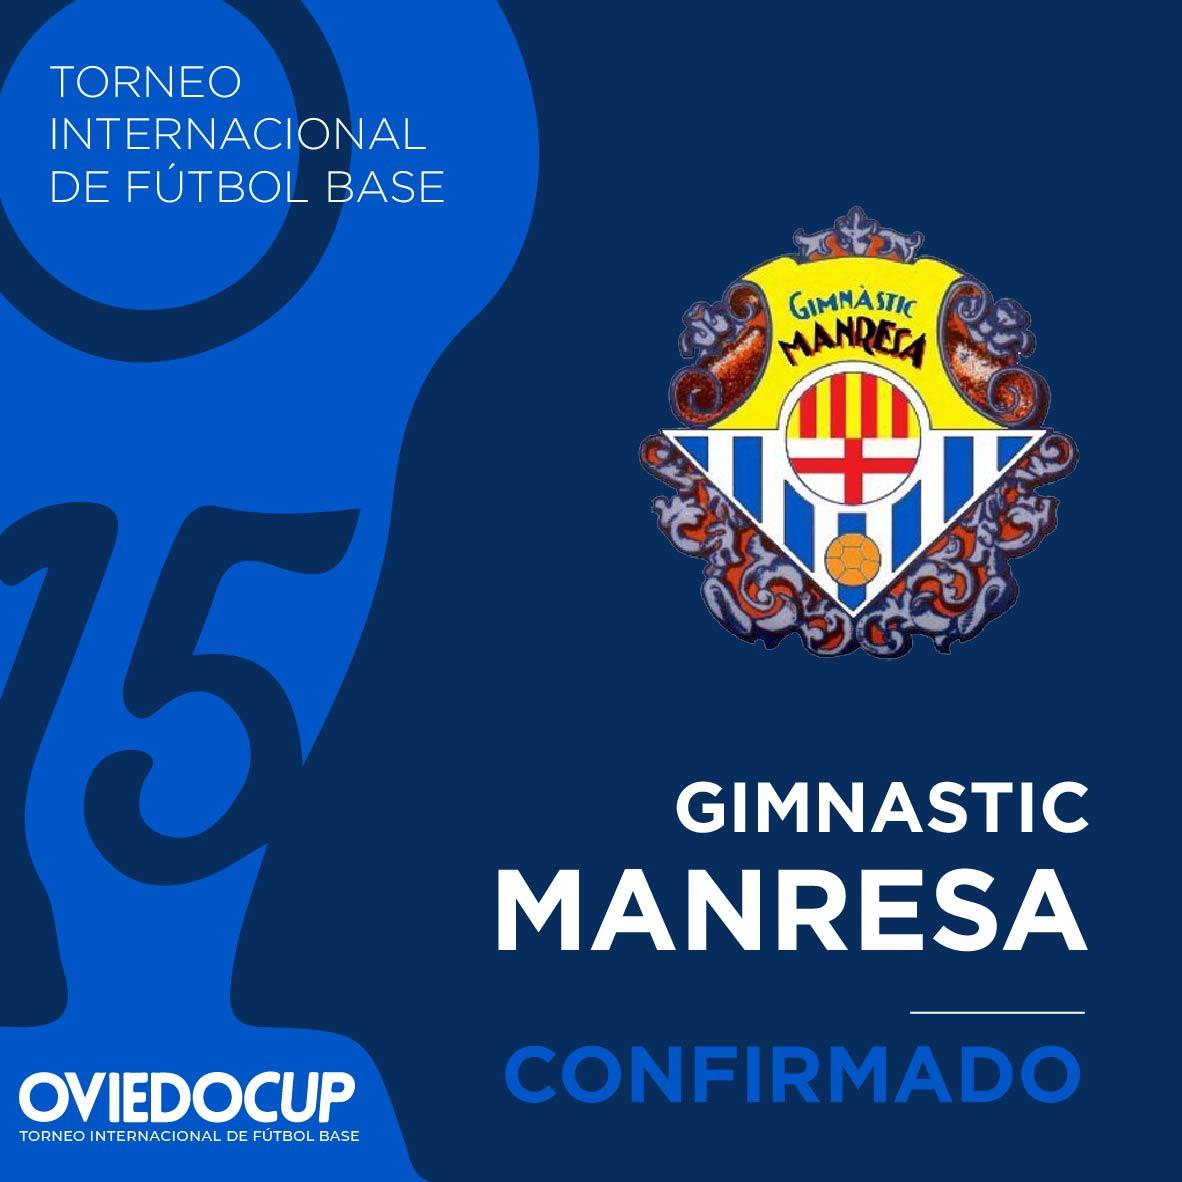   EQUIPO CONFIRMADO  ¡¡Celebramos que el club catalán estará presente en esta edición de la #OviedoCup2020!! @nasticmanresa  #TorneoInternacional #FútboBase #OviedoCup #XVEdición #SemanaSantapic.twitter.com/4UBCNqTfDG